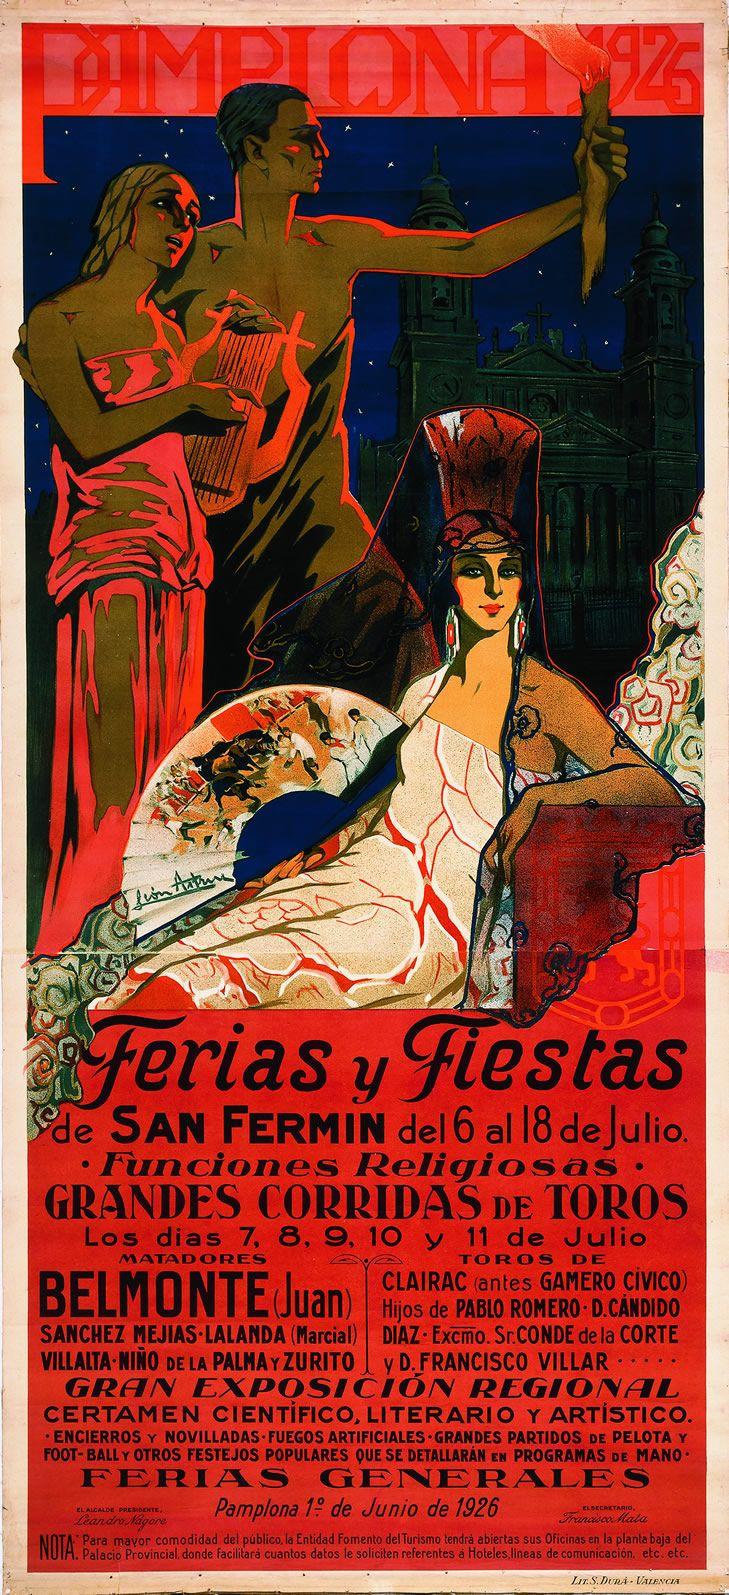 盘点:西班牙奔牛节历年海报设计 – San Fermin Poster - 任刚 · Ren Gang 世界设计 · 设计世界